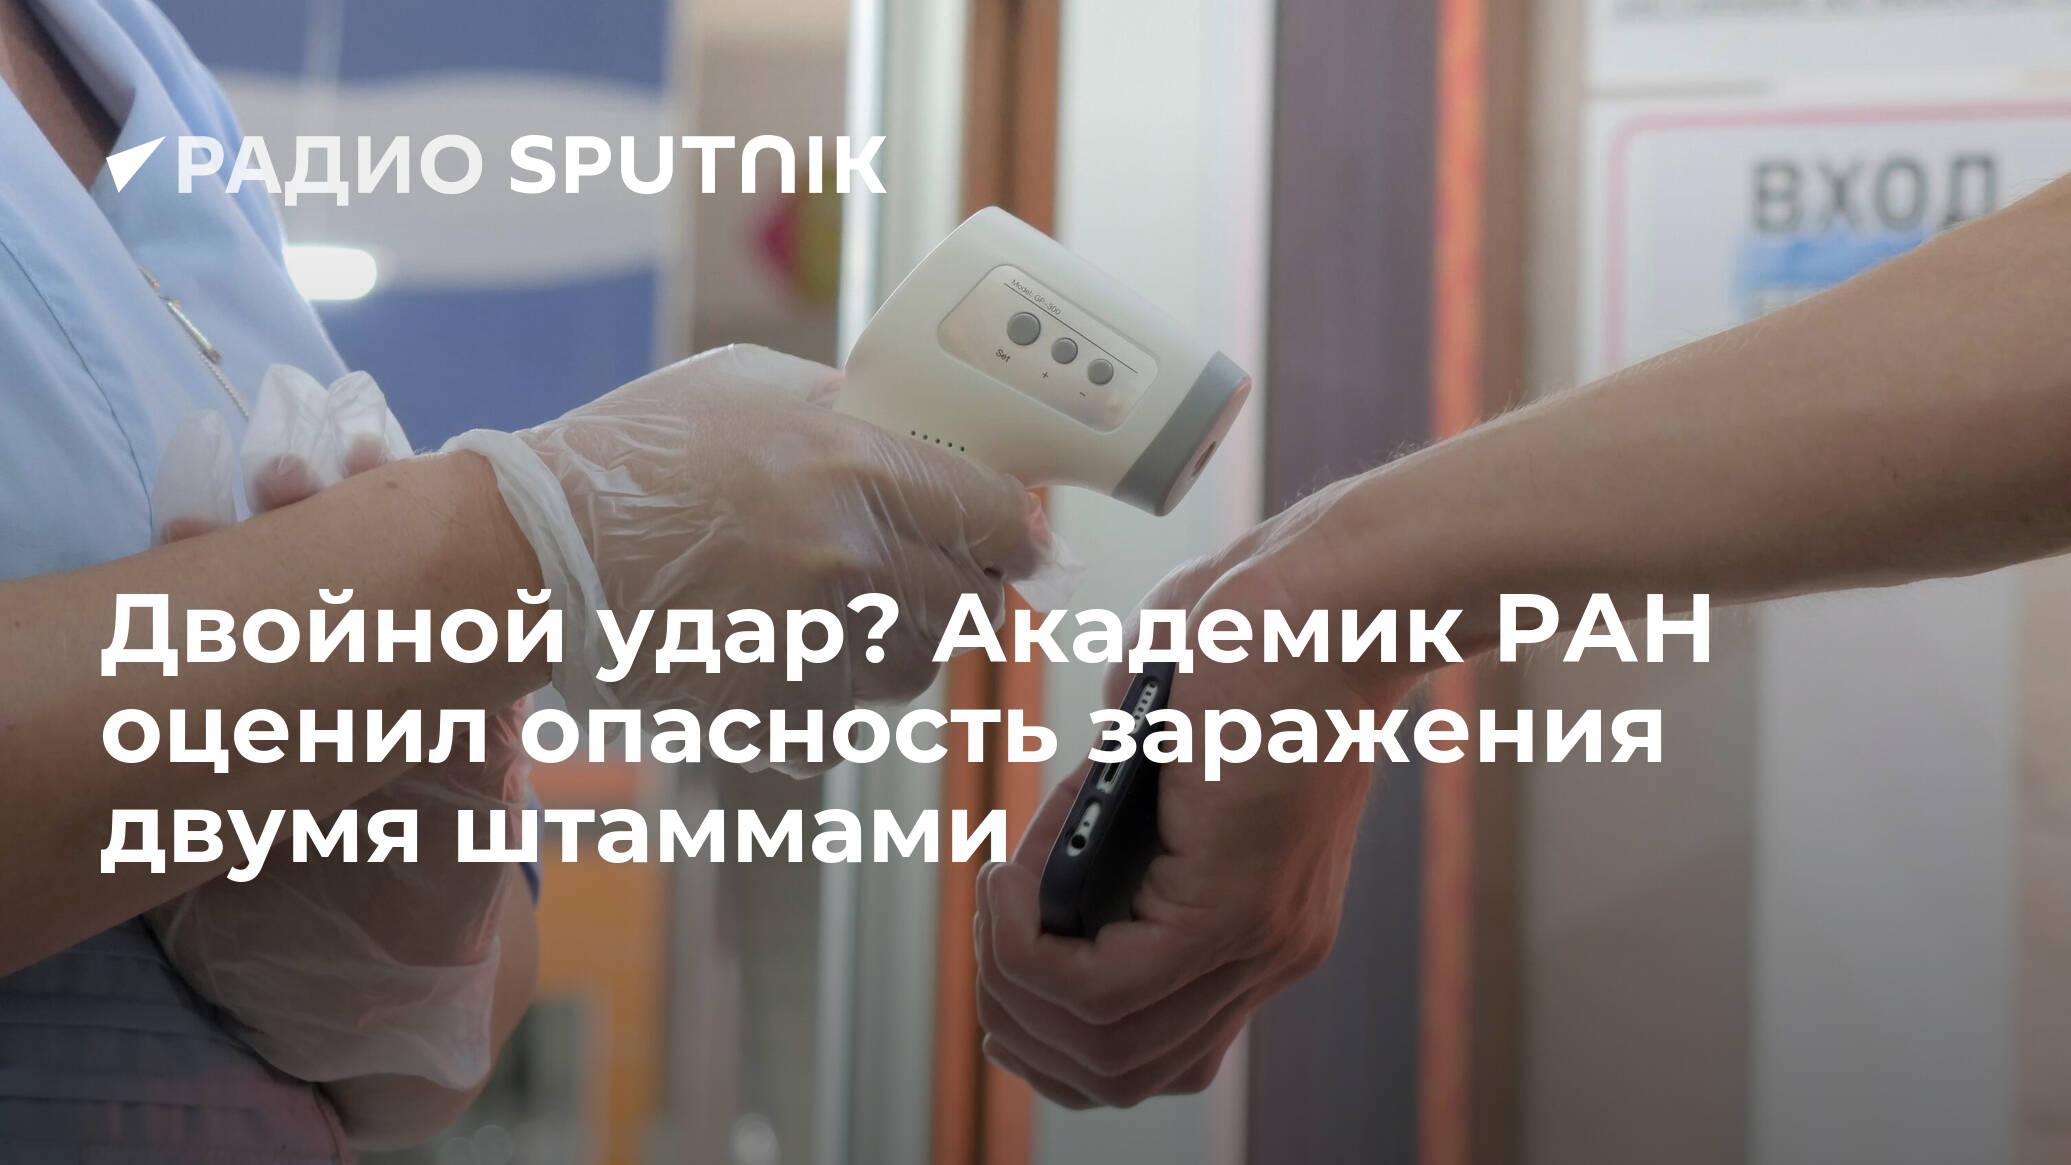 Двойной удар? Академик РАН оценил опасность заражения двумя штаммами